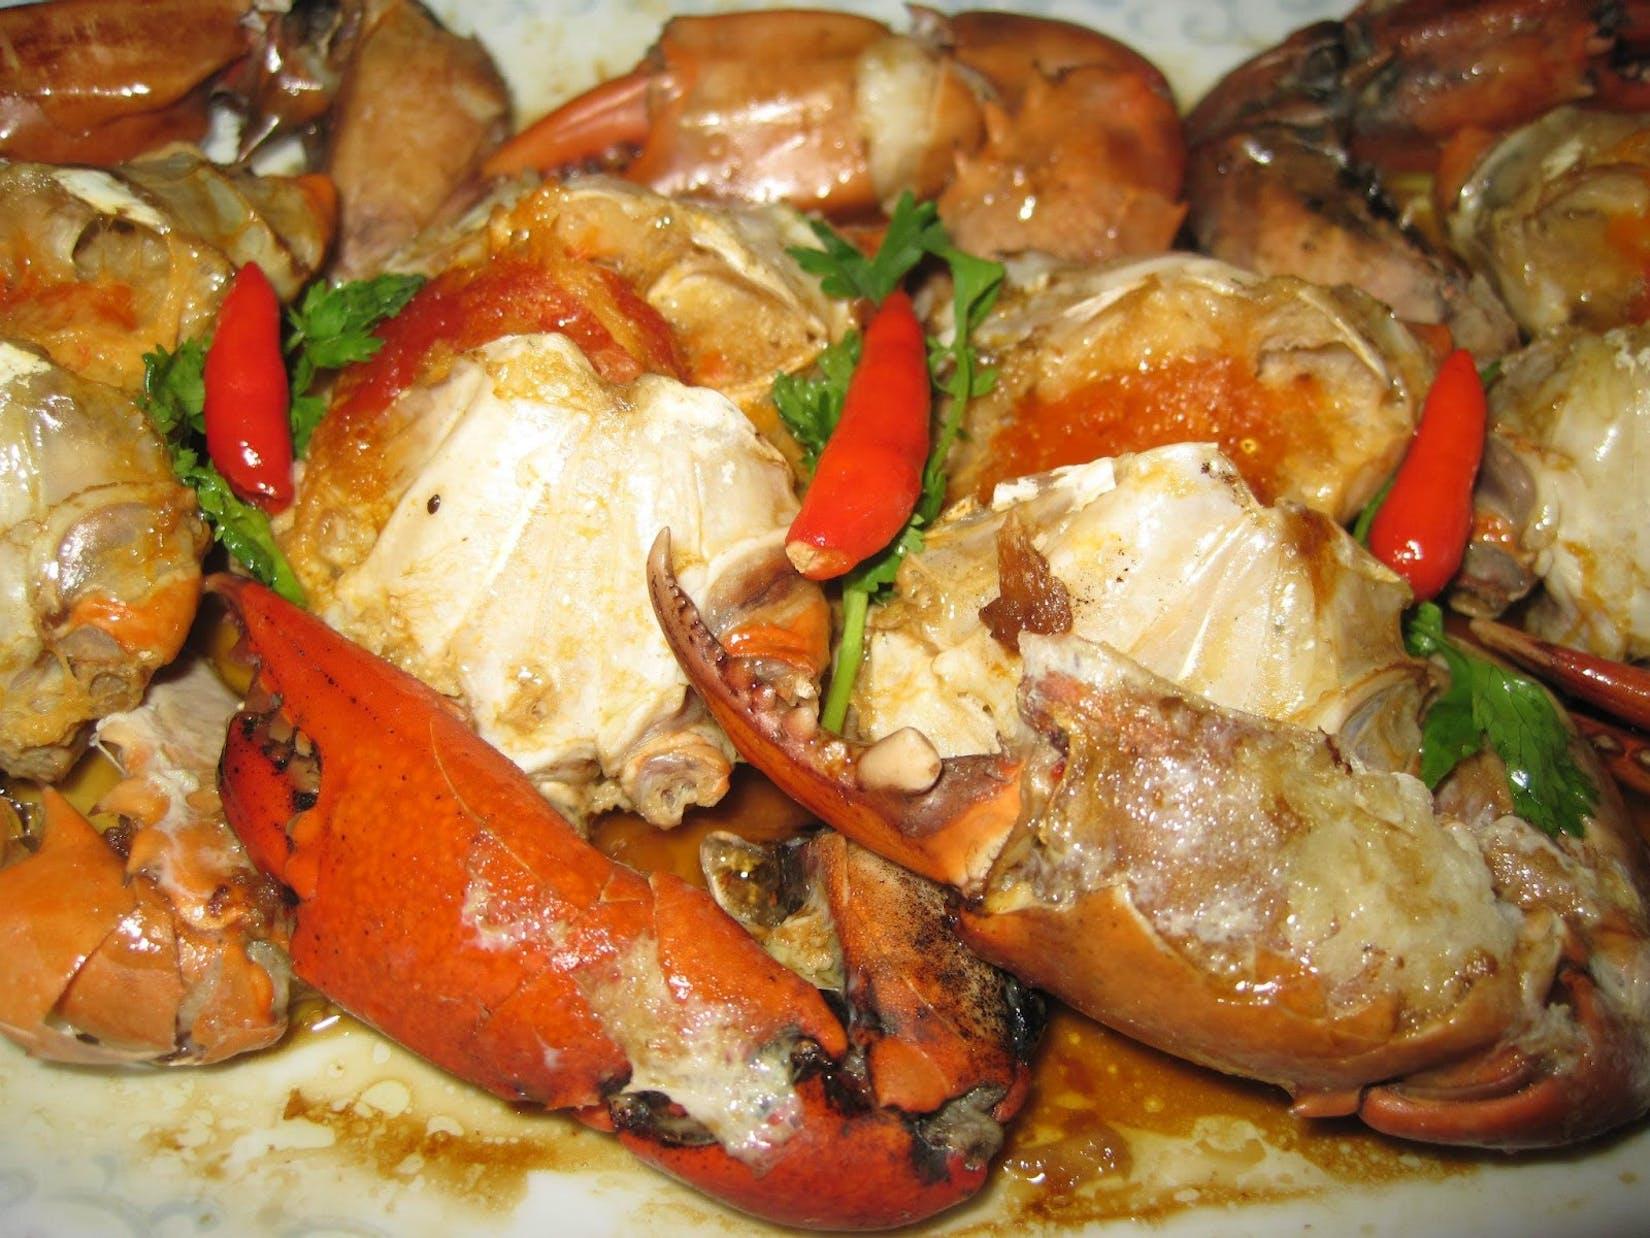 Hlaing Htate Tin Restaurant   yathar